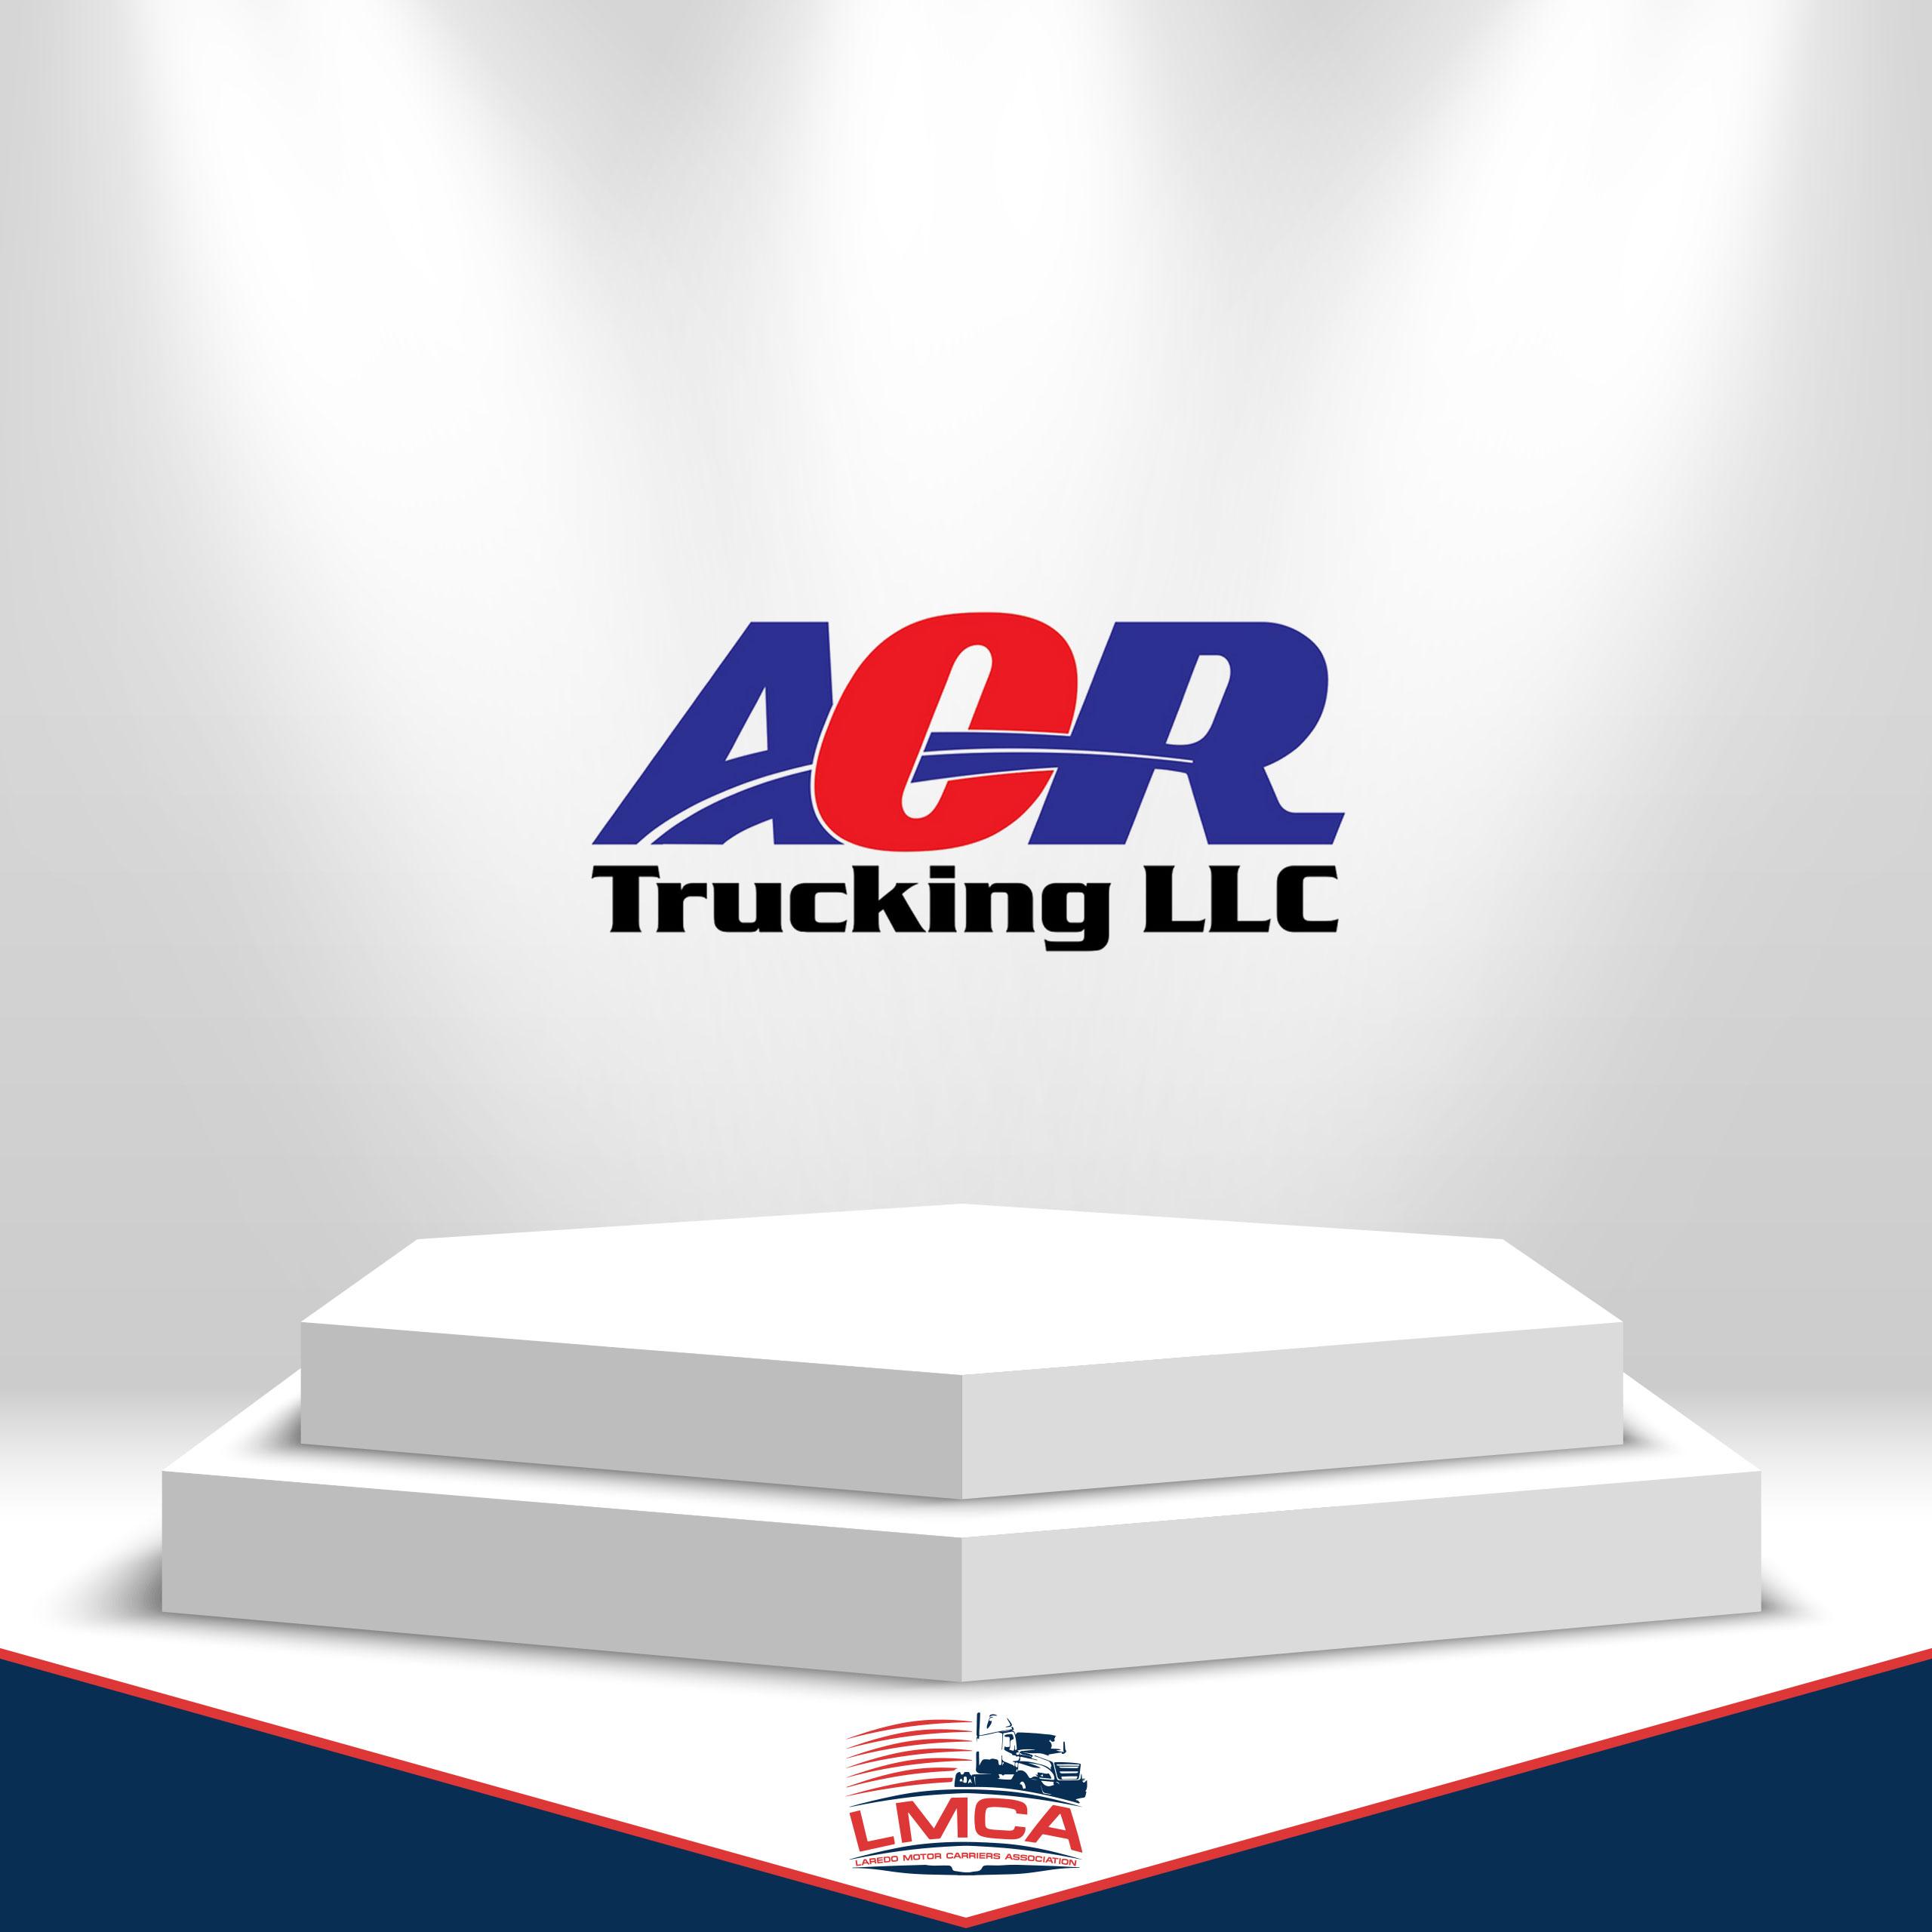 aor trucking llc